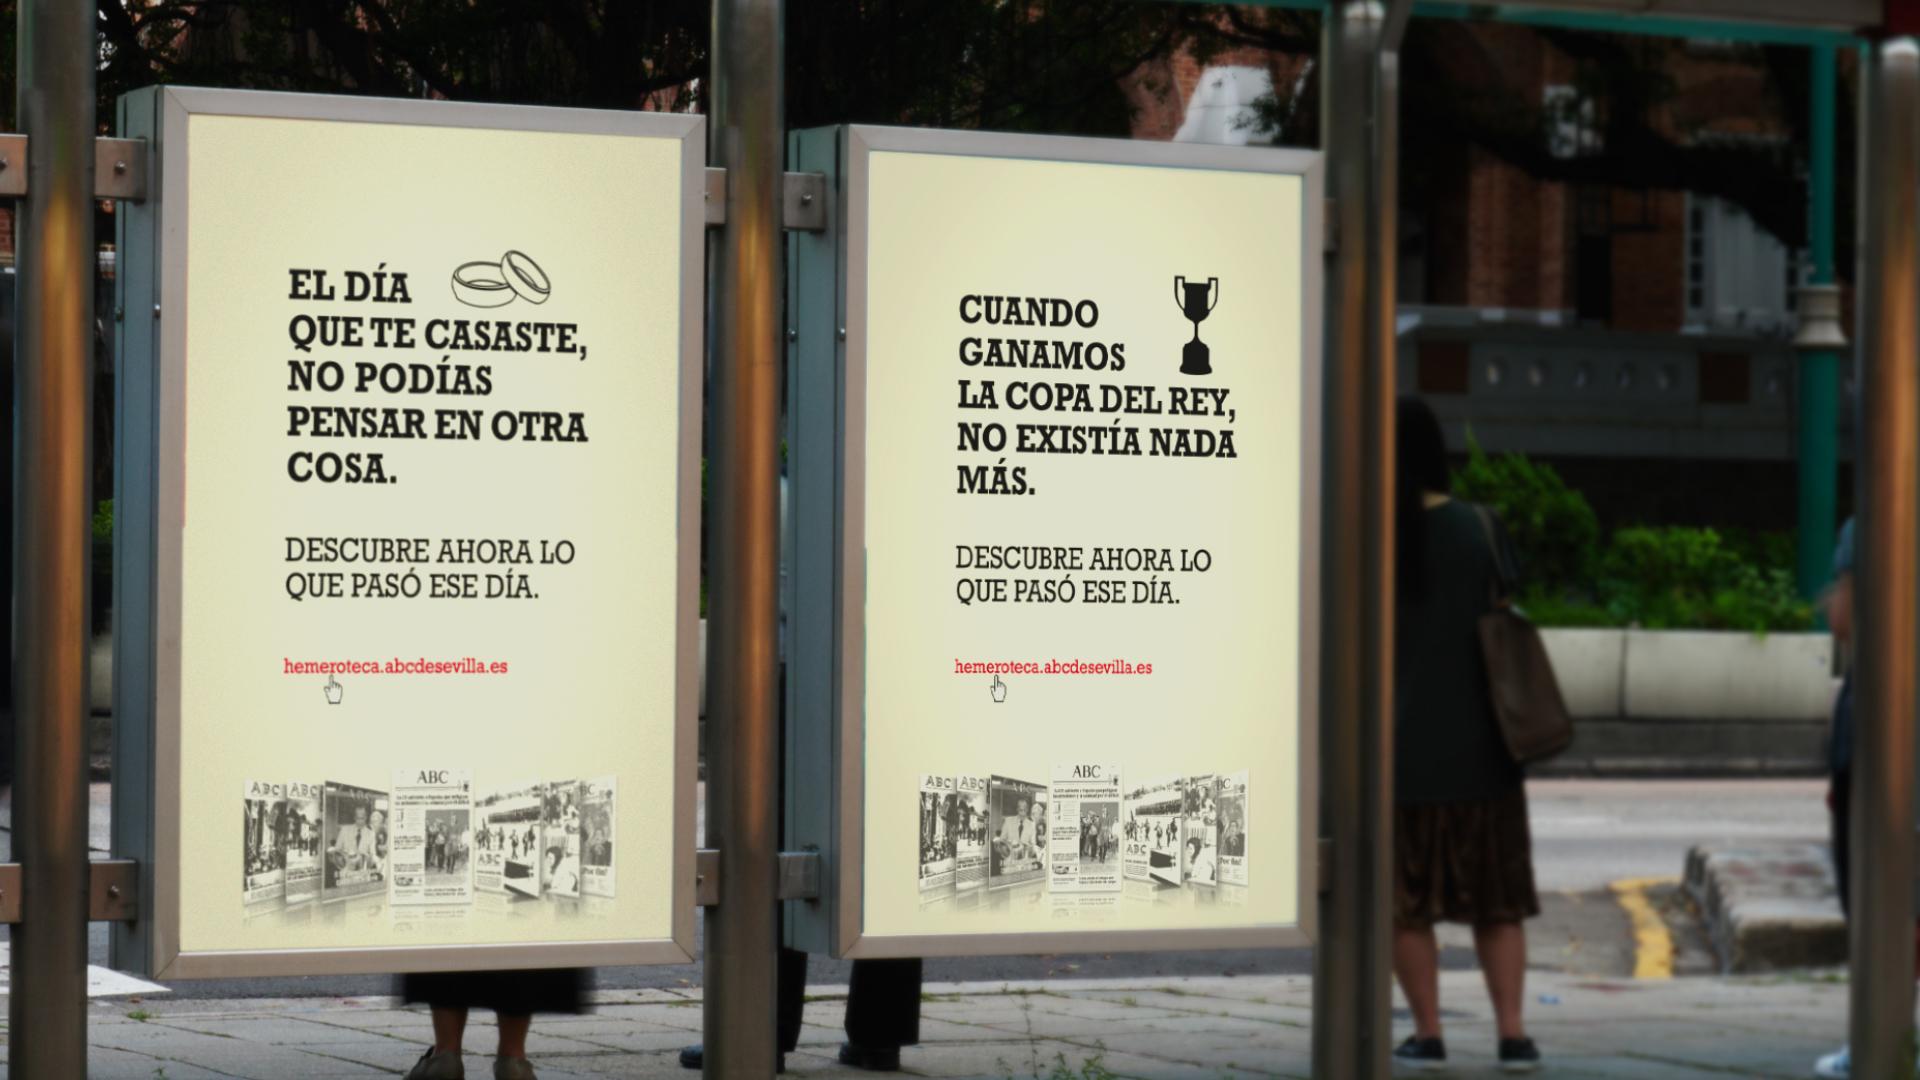 ABC publicidad exterior - Parnaso - Parnaso